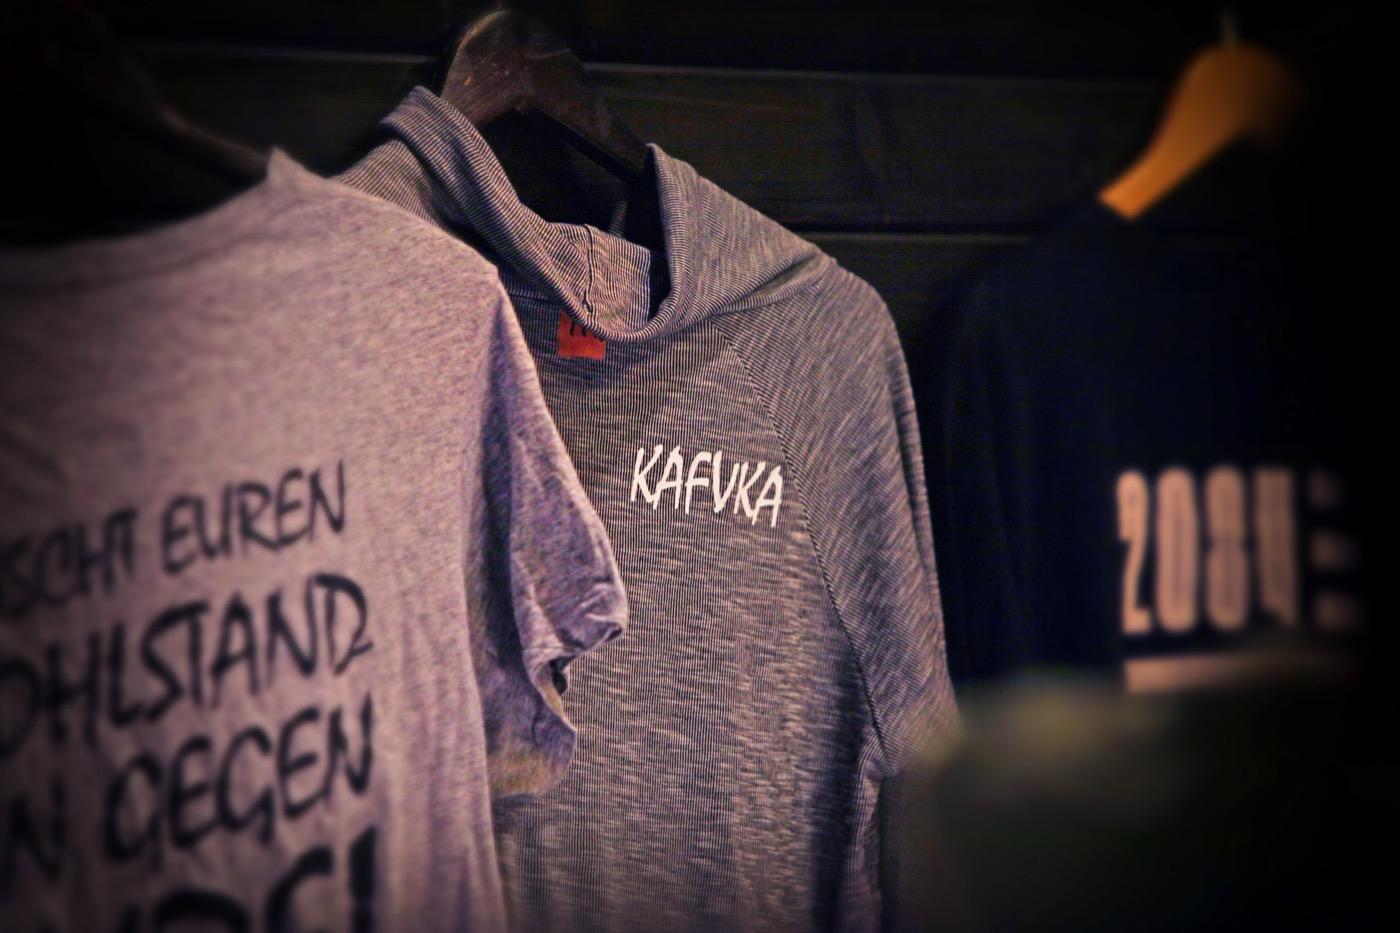 Die Band verkauft ausschließlich Second-Hand- und Fair-Trade-T-Shirts.